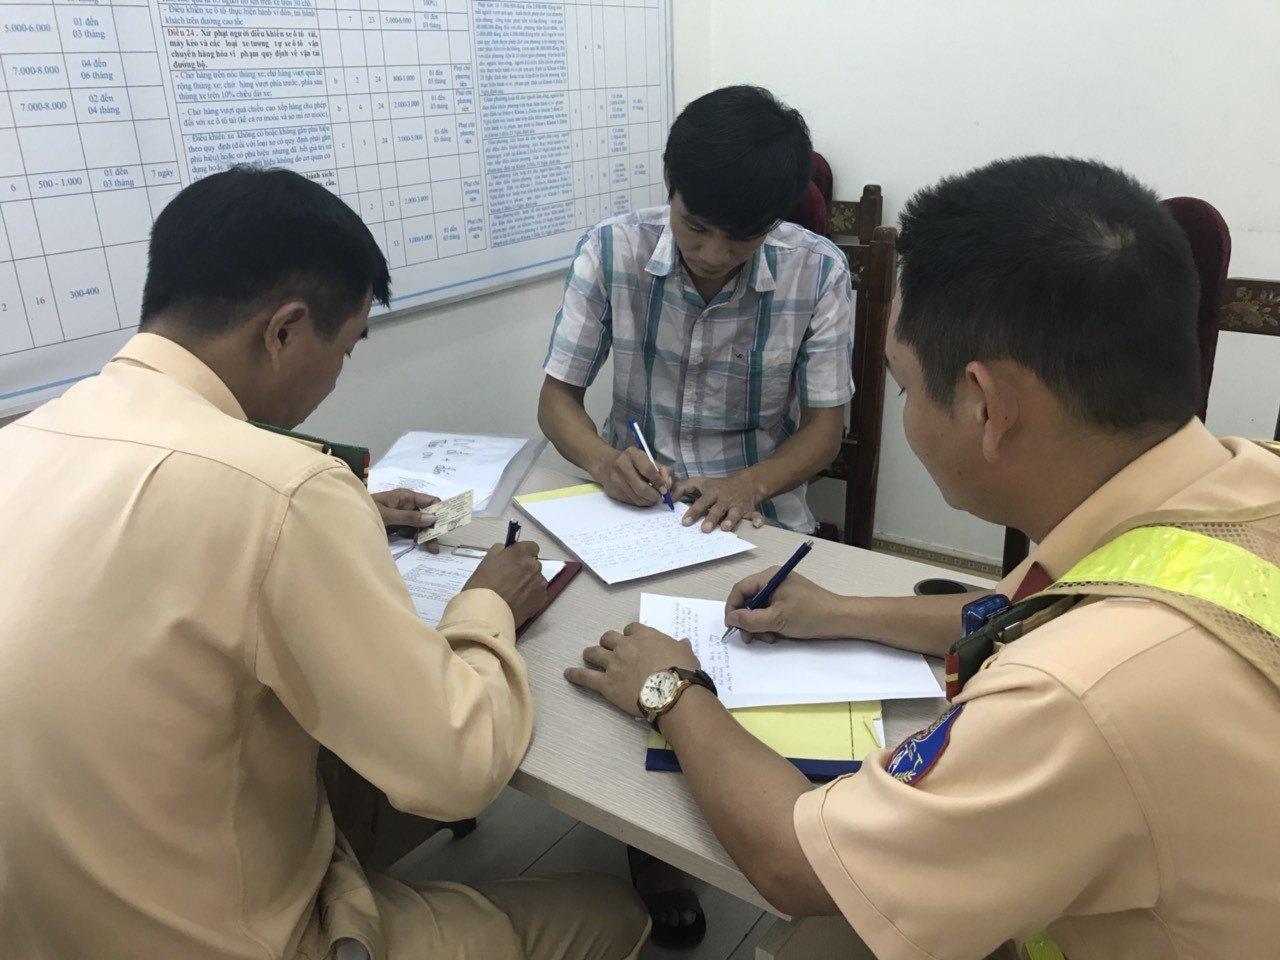 Lái xe đầu kéo vượt ẩu ở cao tốc Hà Nội - Lào Cai bị phạt tiền, tước GPLX - Hình 1